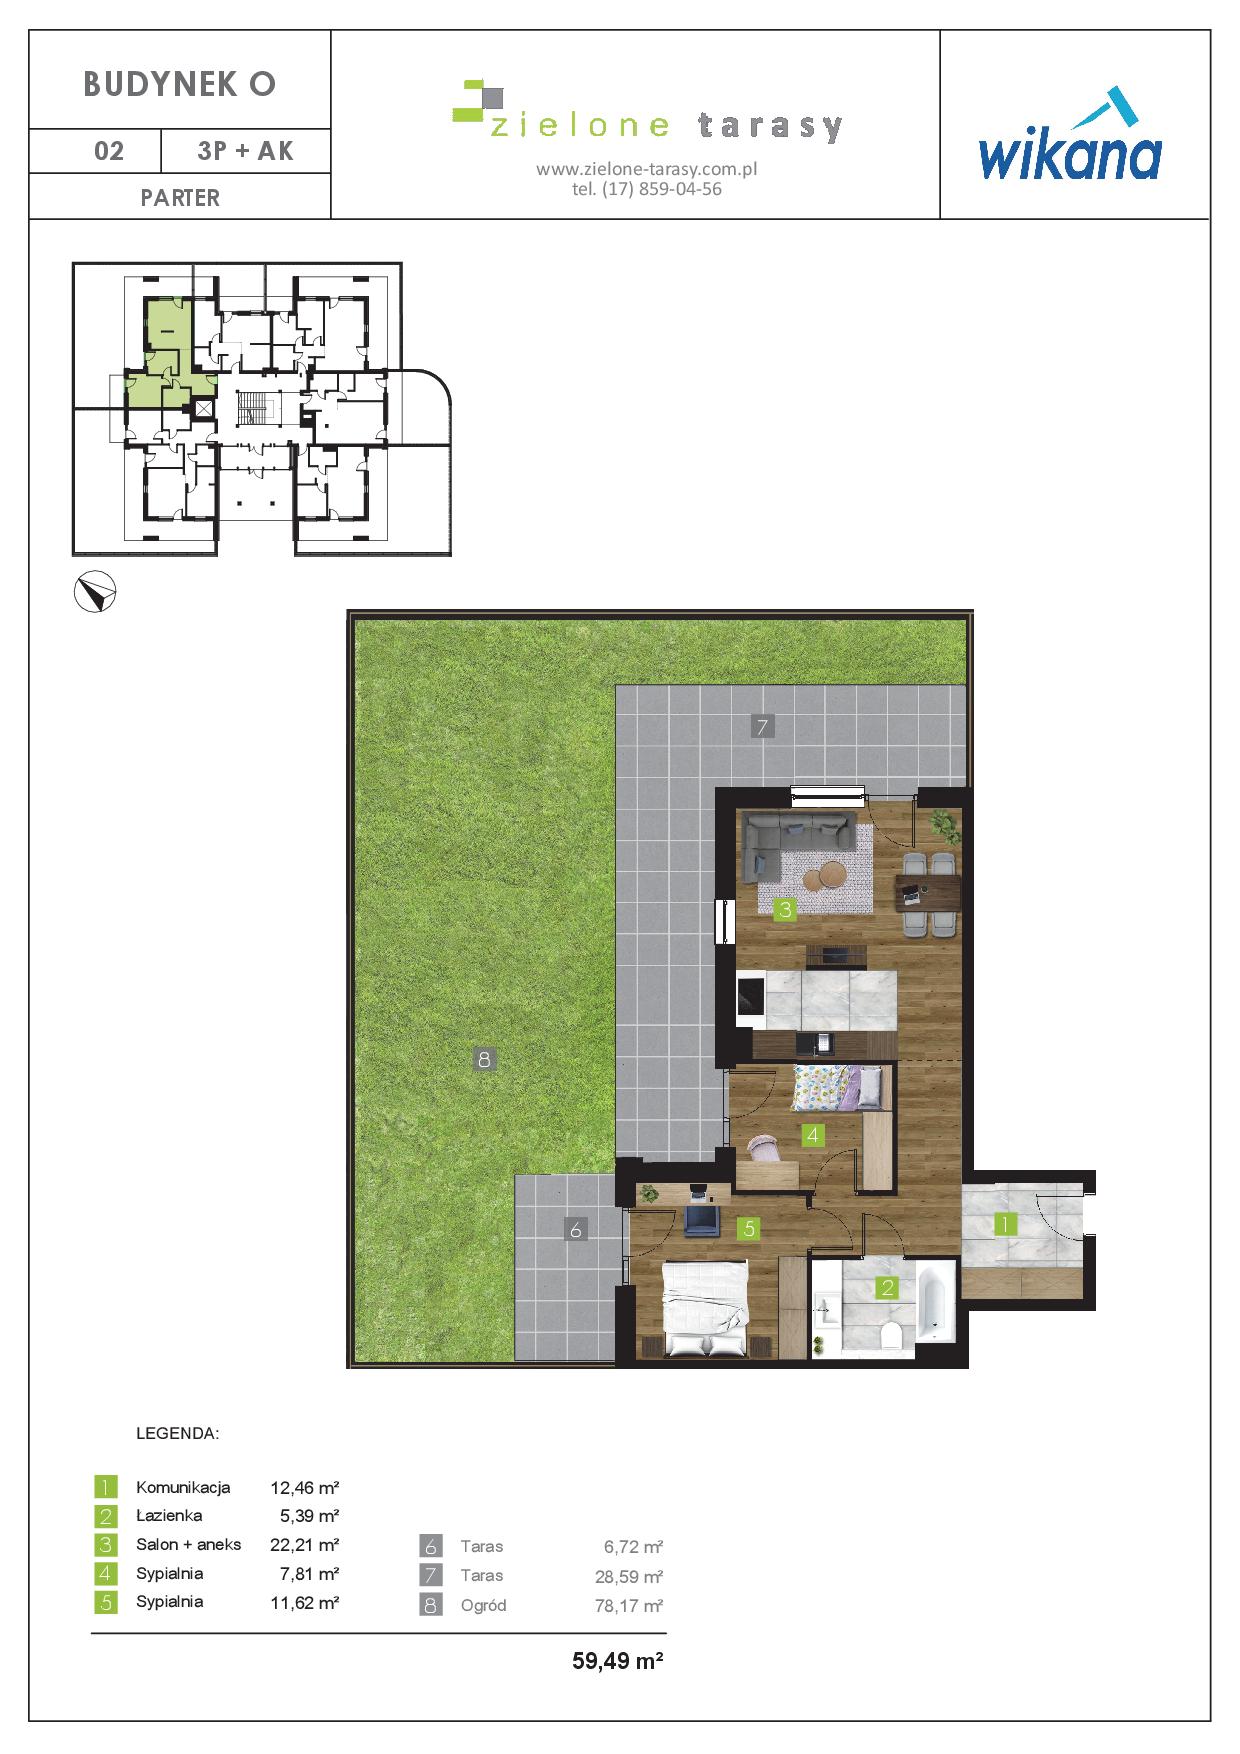 sprzedaż mieszkań rzeszów - O-02